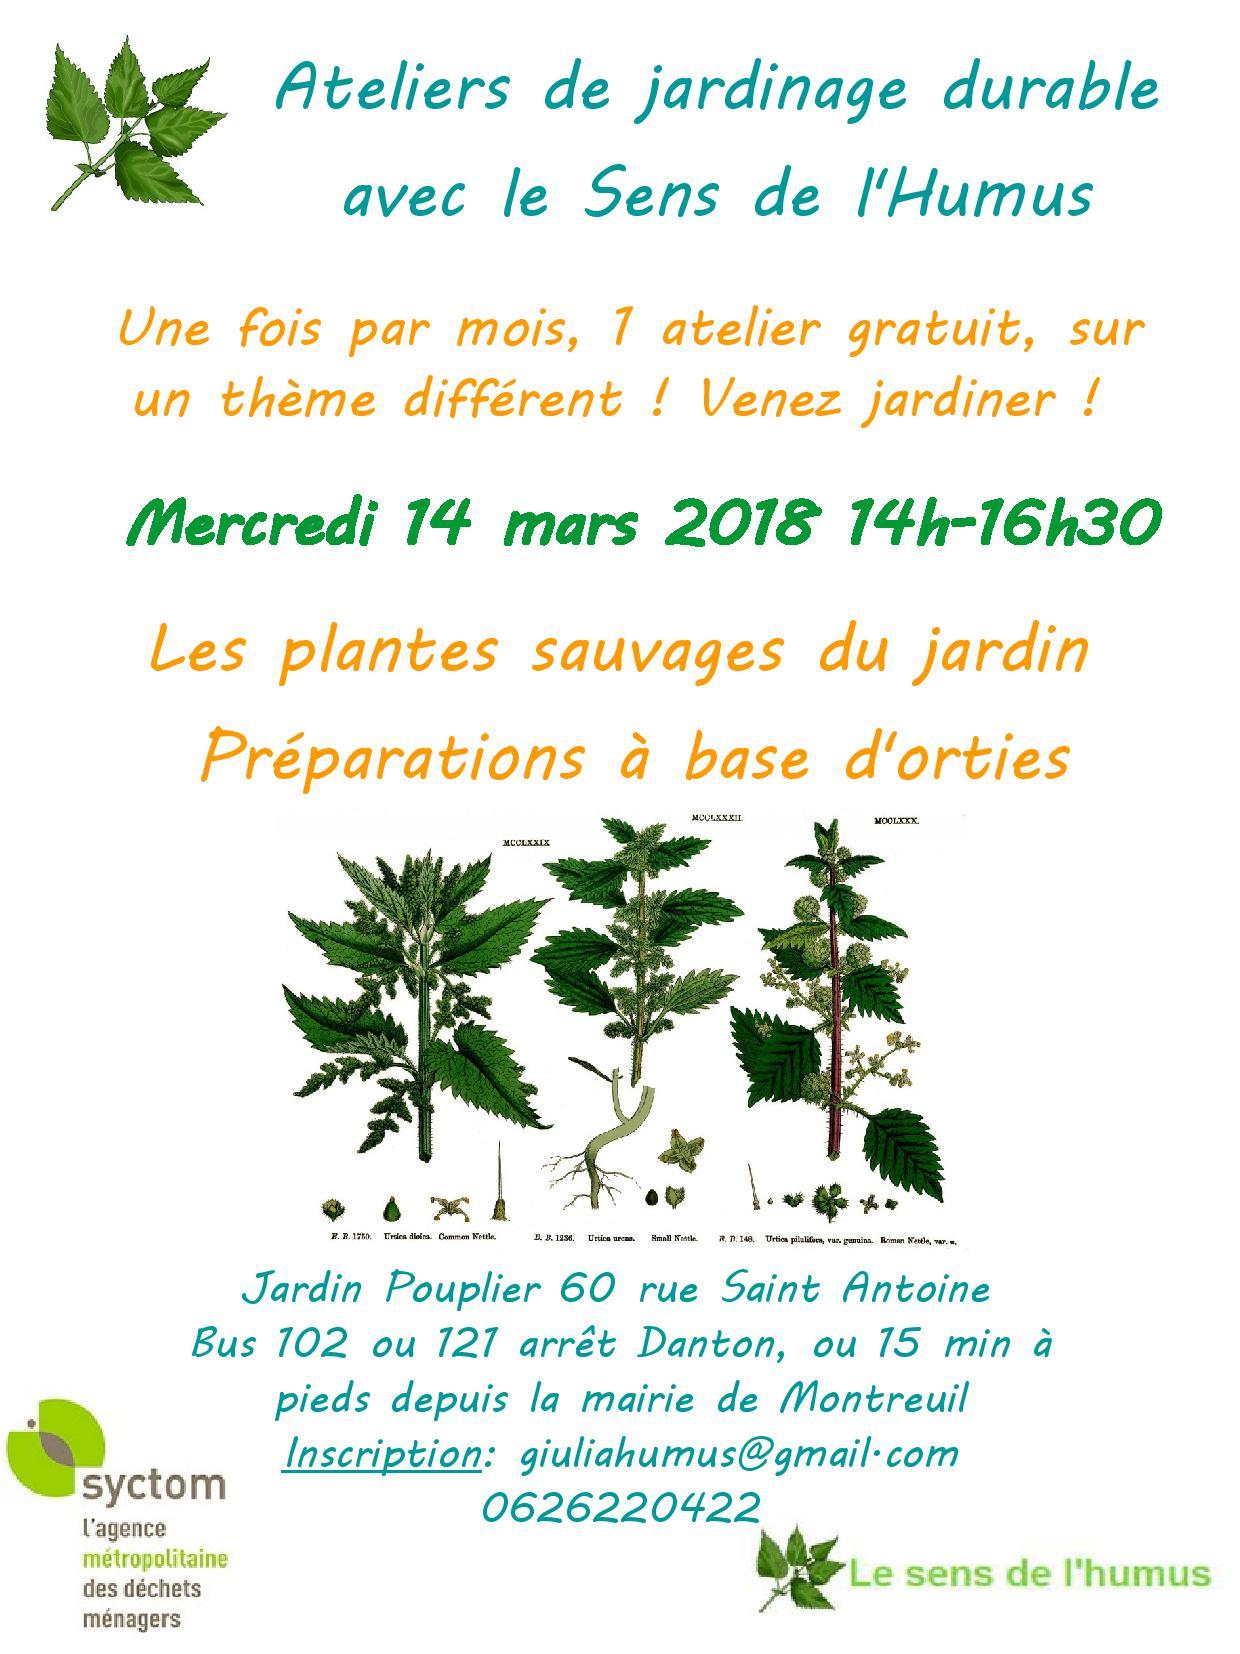 Atelier du 14 mars au jardin pouplier l ortie l honneur for Atelier du jardin d acclimatation